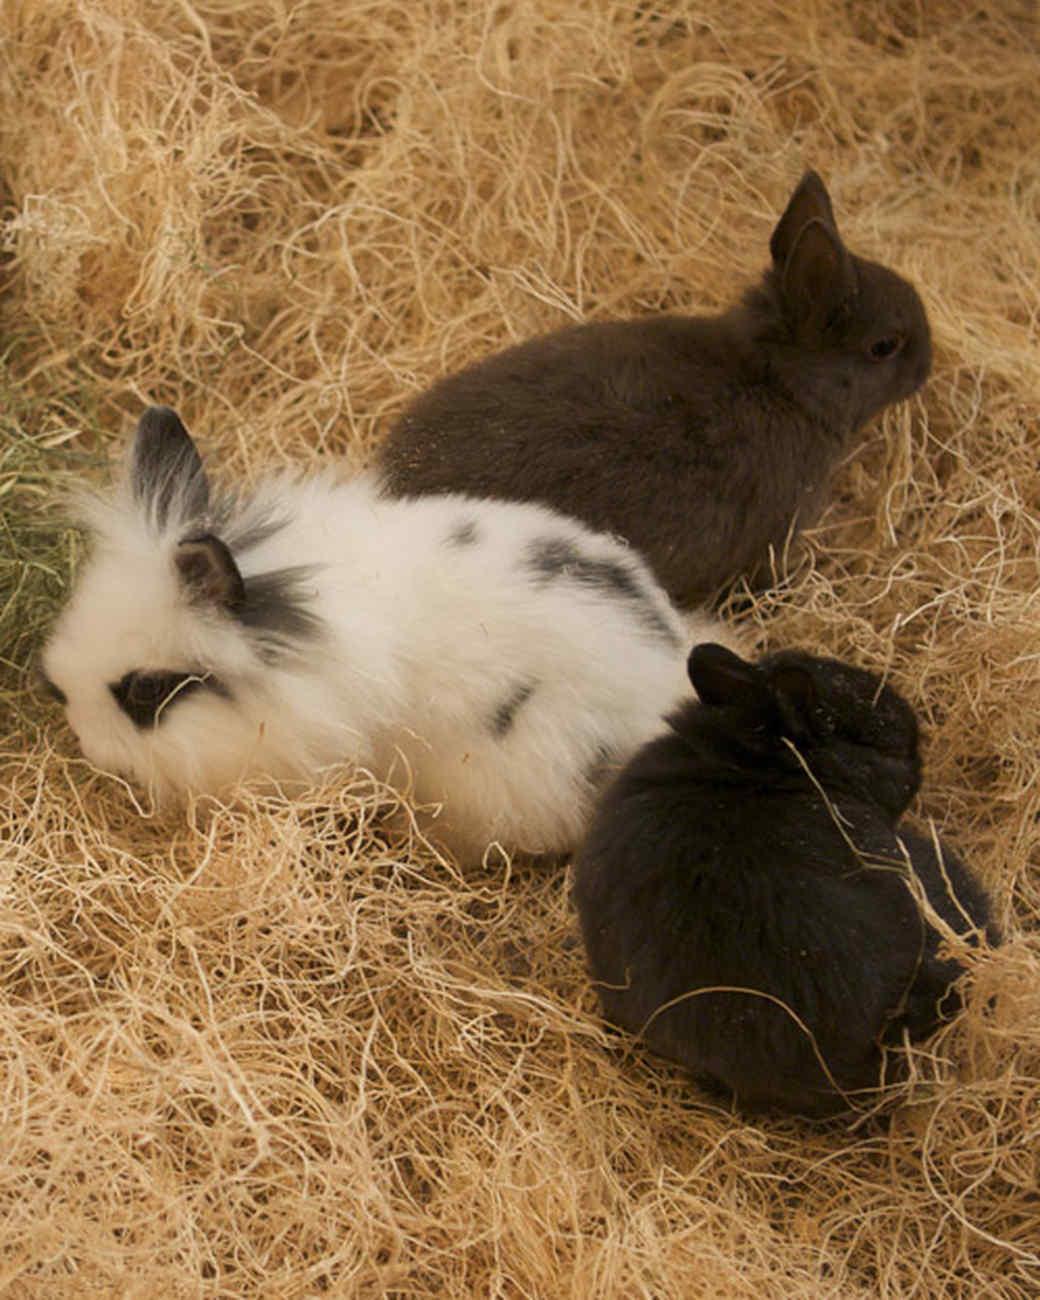 m4126_bunnies53.jpg